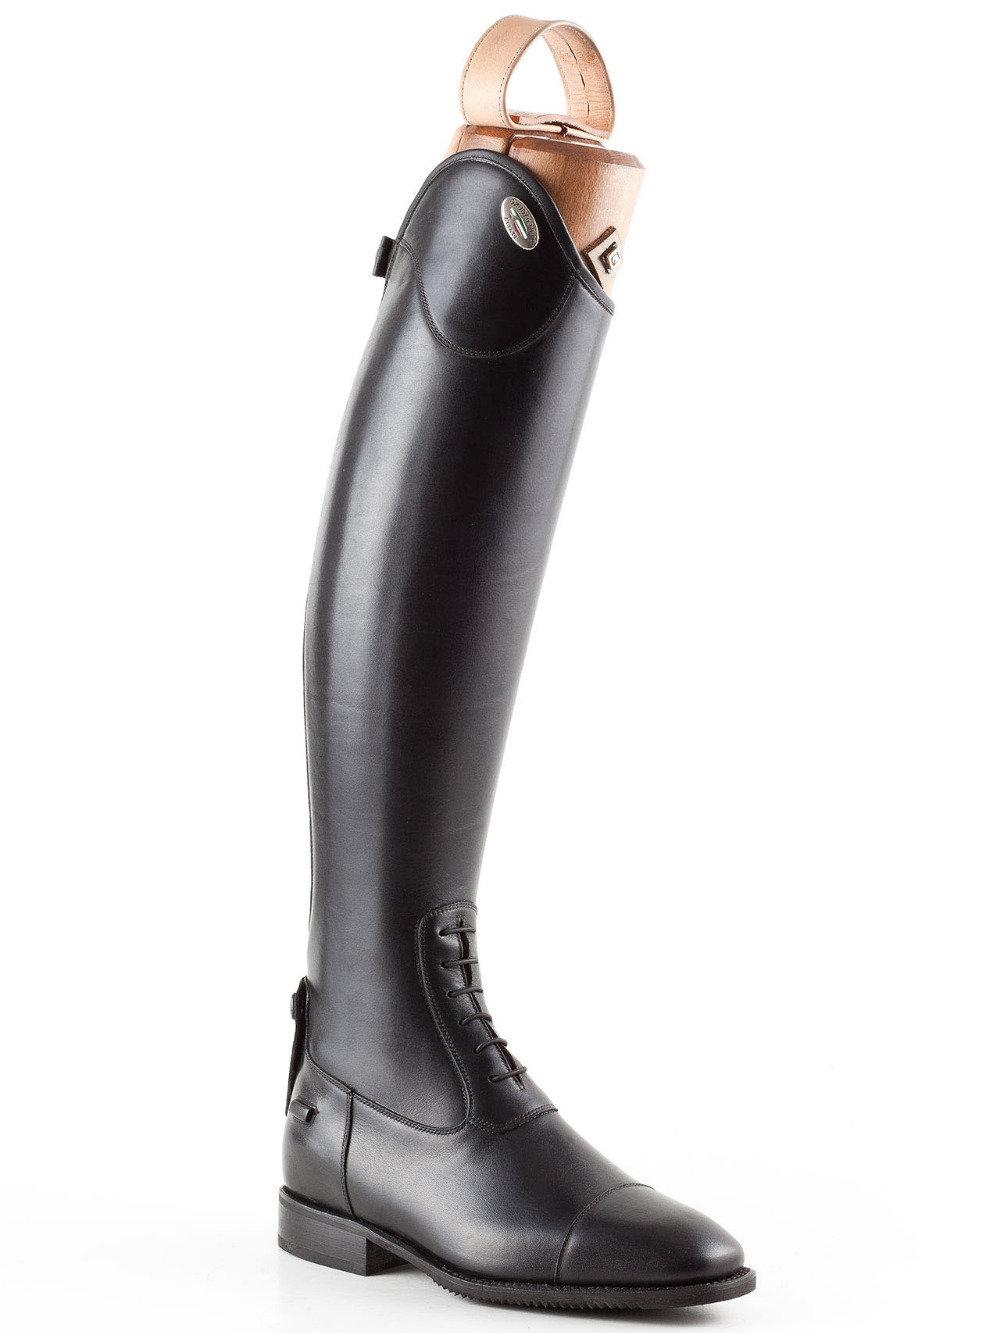 De Niro Custom Boots   eqsitestore